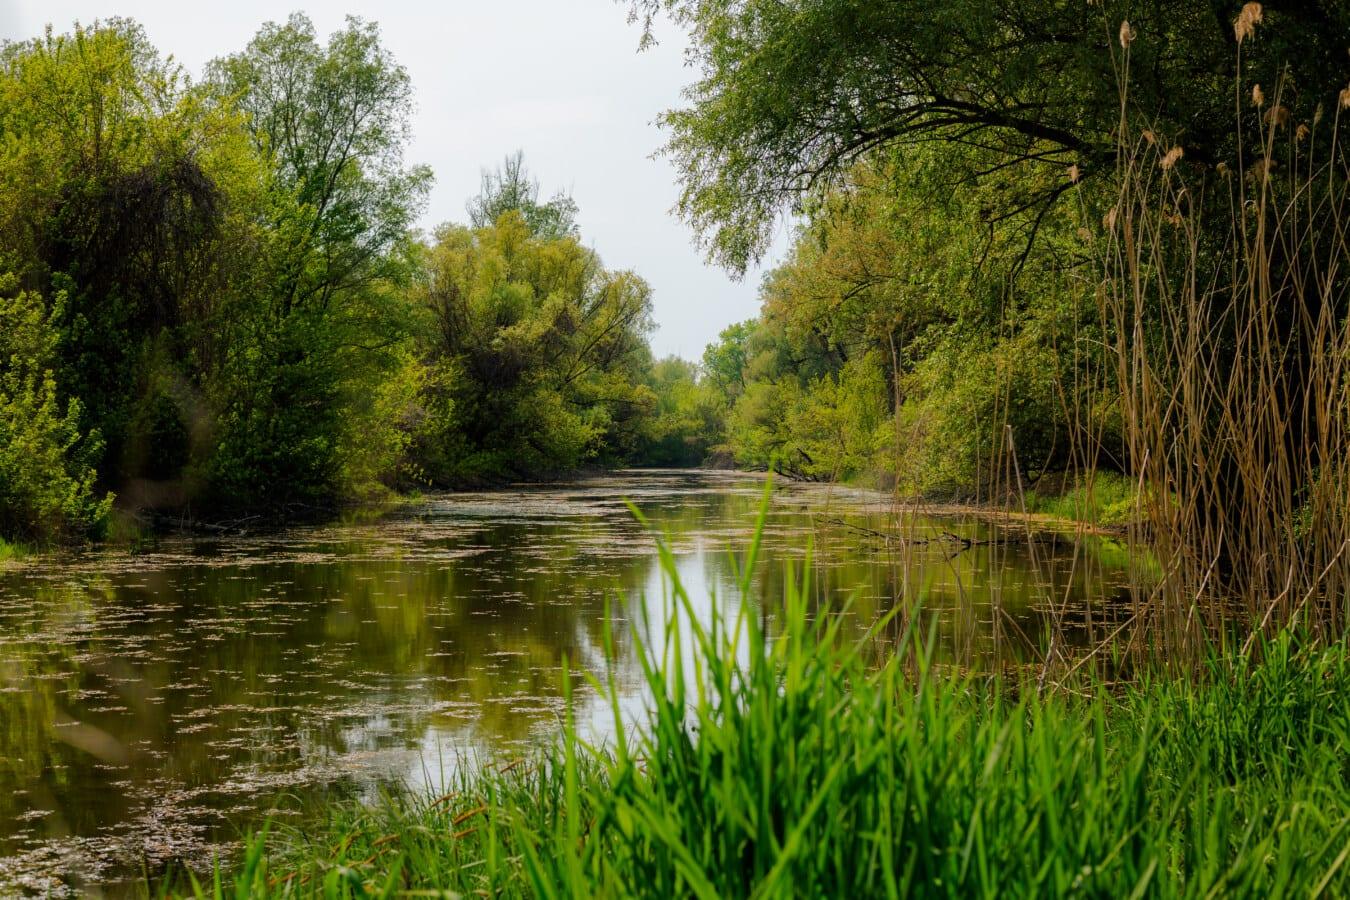 rustig, sfeer, rust, moerassen, lentetijd, moeras, landschap, wetland, reflectie, meer